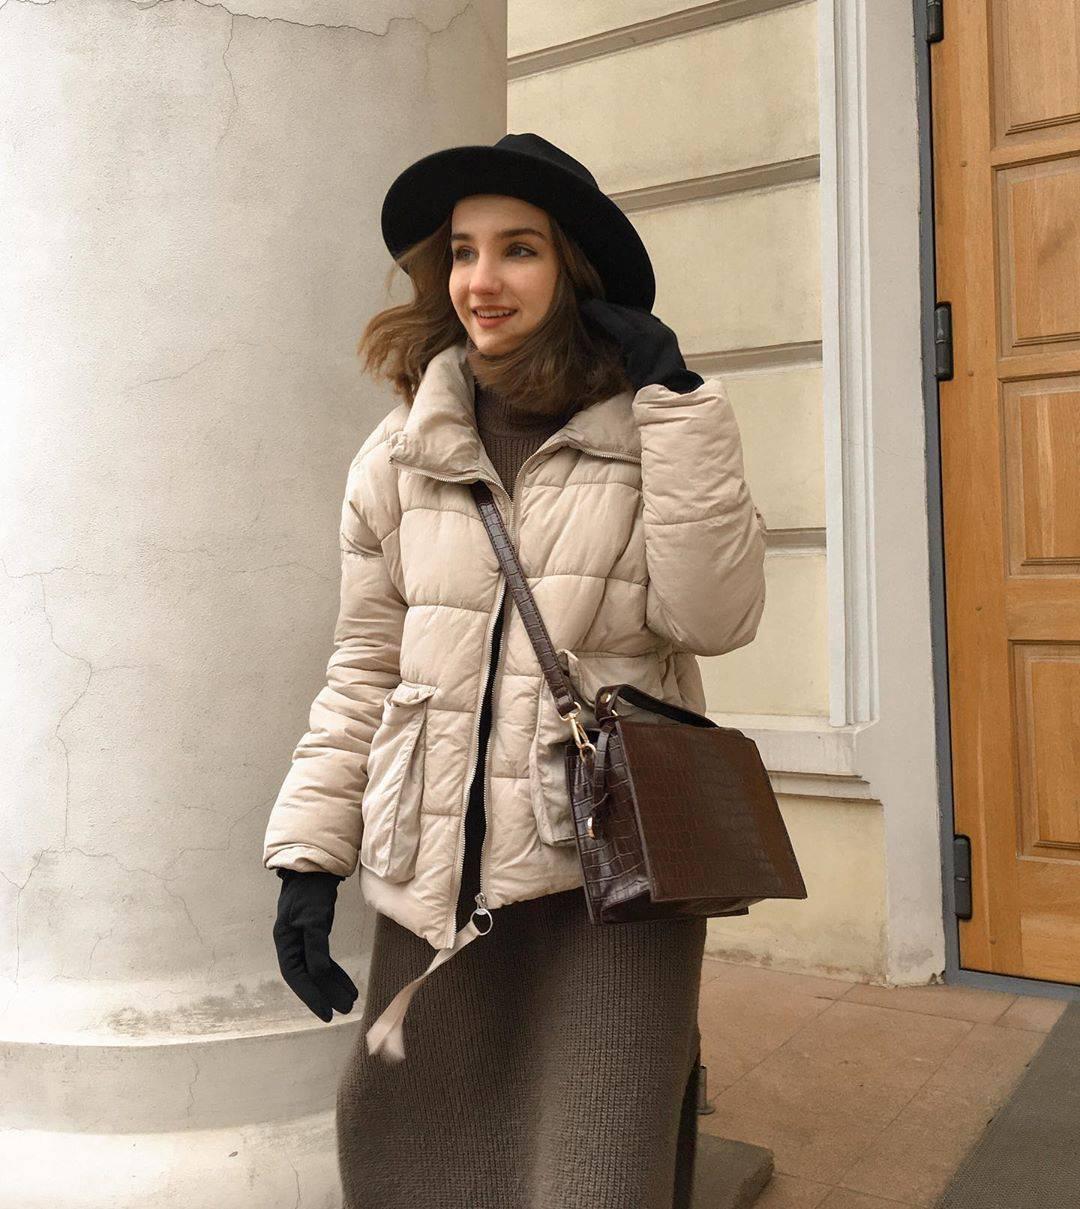 最高気温3度・最低気温0度 marr_susの服装